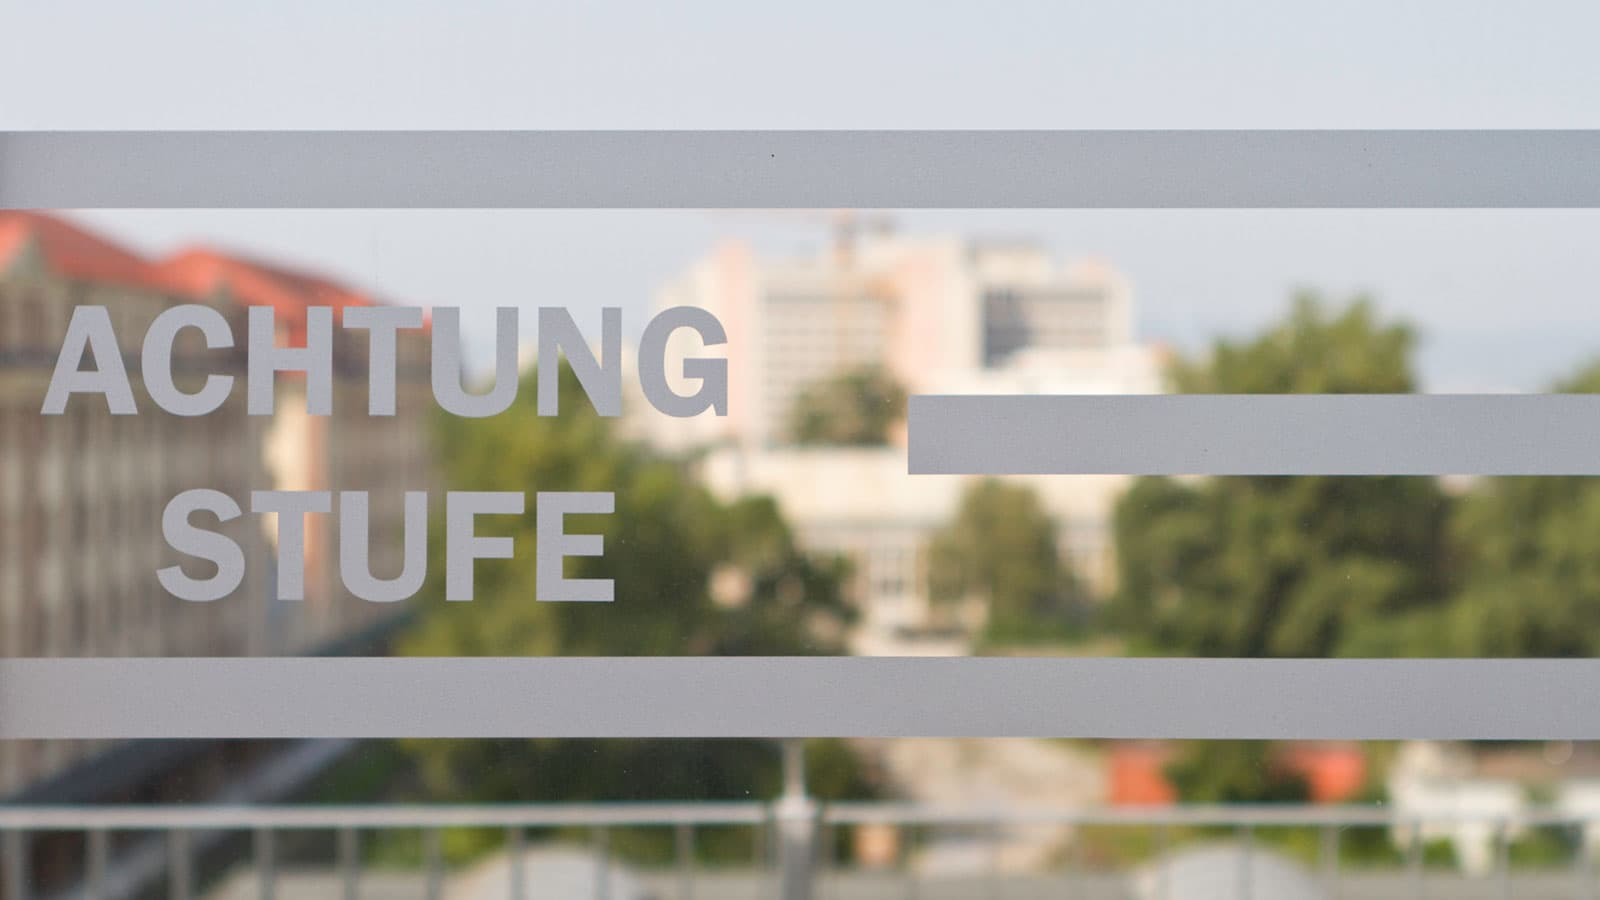 Folienbeklebung, Leitsystem, Fassadenbeschriftung